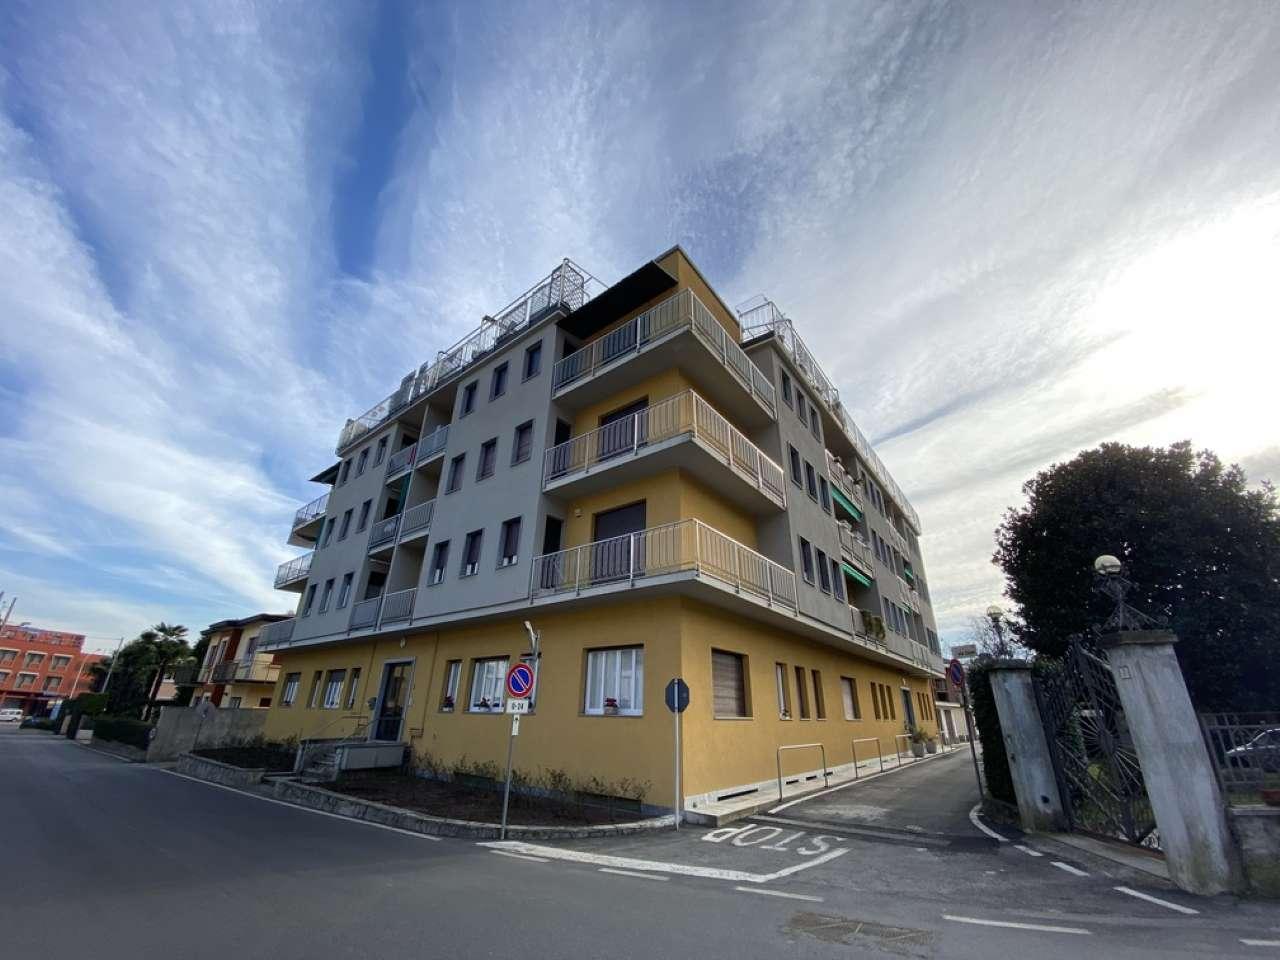 Appartamento in vendita a Lesa, 3 locali, prezzo € 110.000 | CambioCasa.it